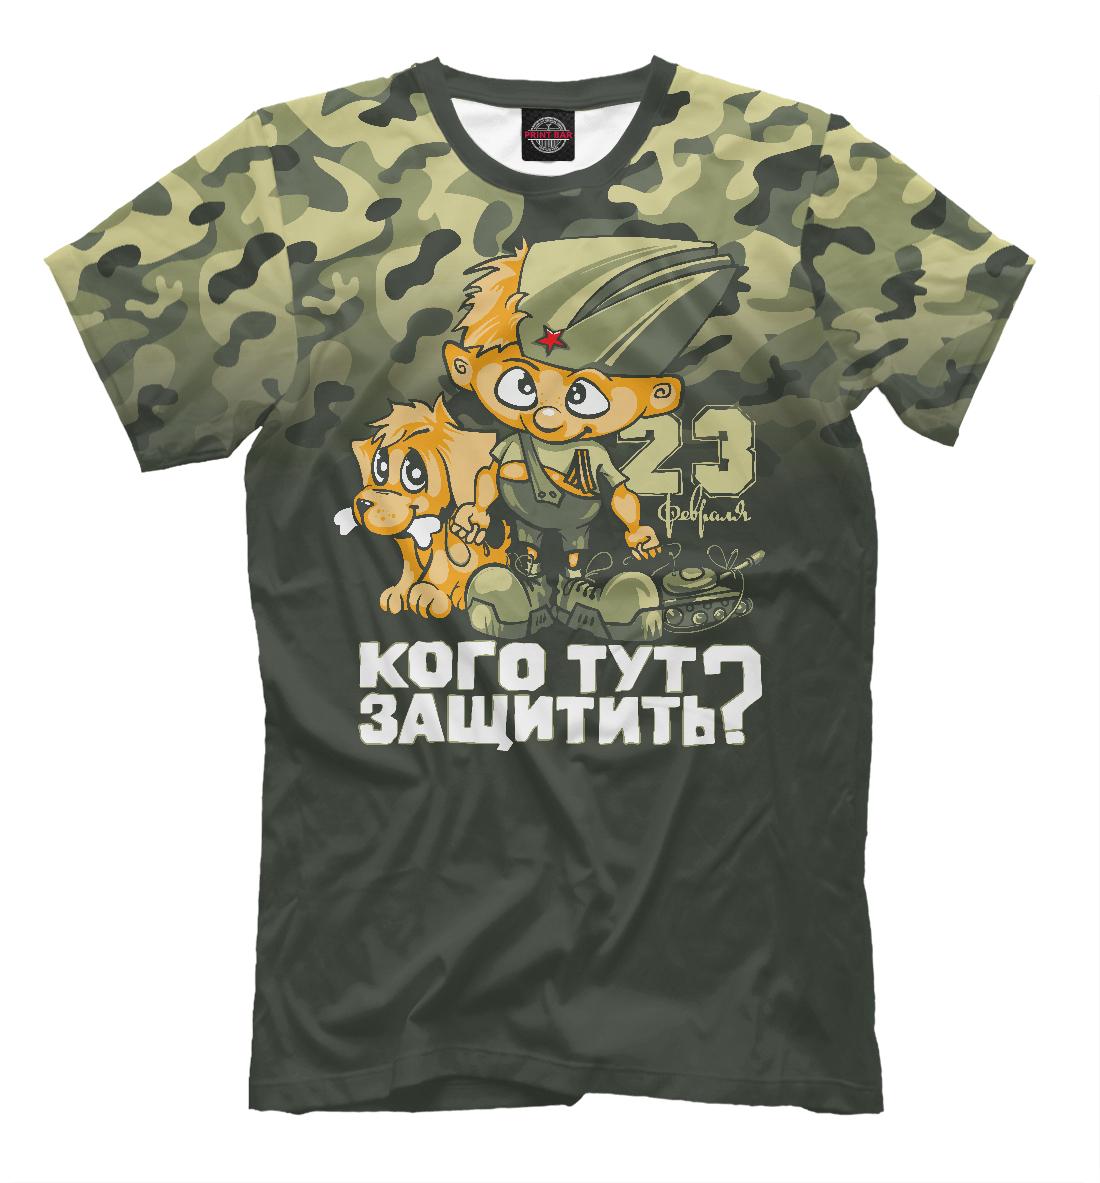 ❶Детские футболки на 23 февраля Бесплатные открытки с 23 февраля Футболки - Dachshund addicted Страница не найдена! }